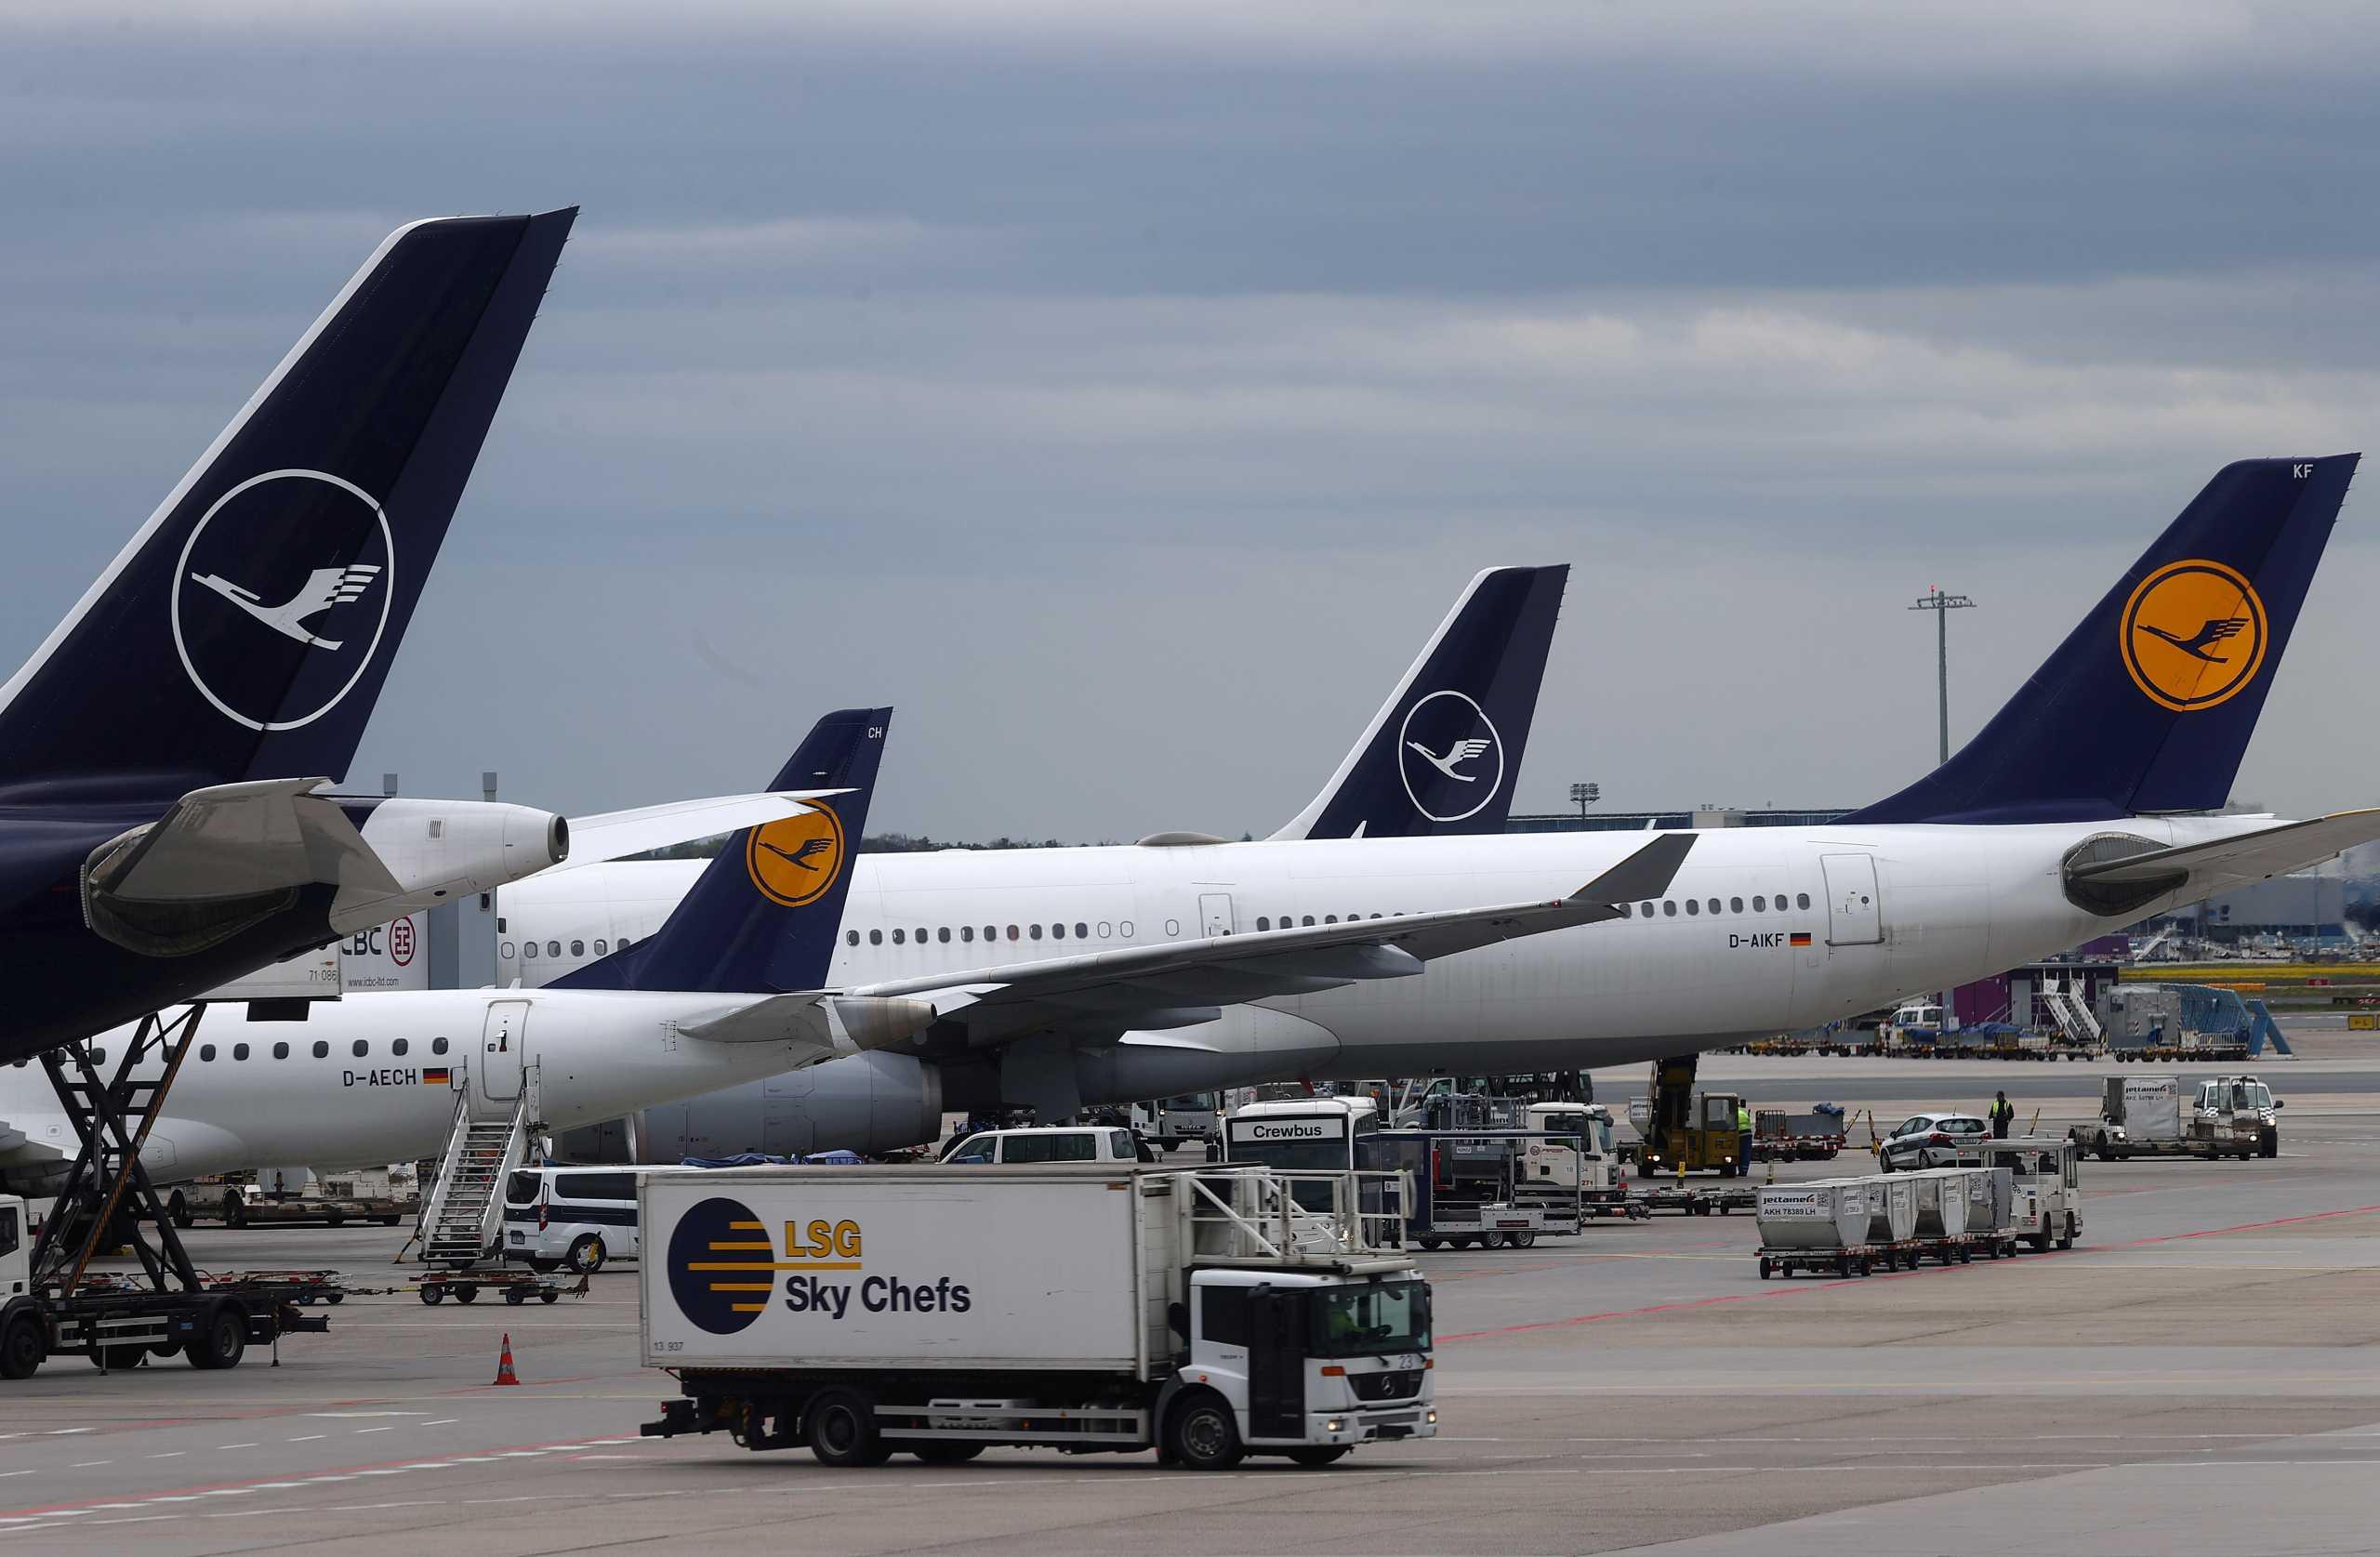 Για χάος με την κυκλοφορία του Ψηφιακού Πιστοποιητικού προειδοποιούν ευρωπαϊκές αεροπορικές εταιρείες και αεροδρόμια